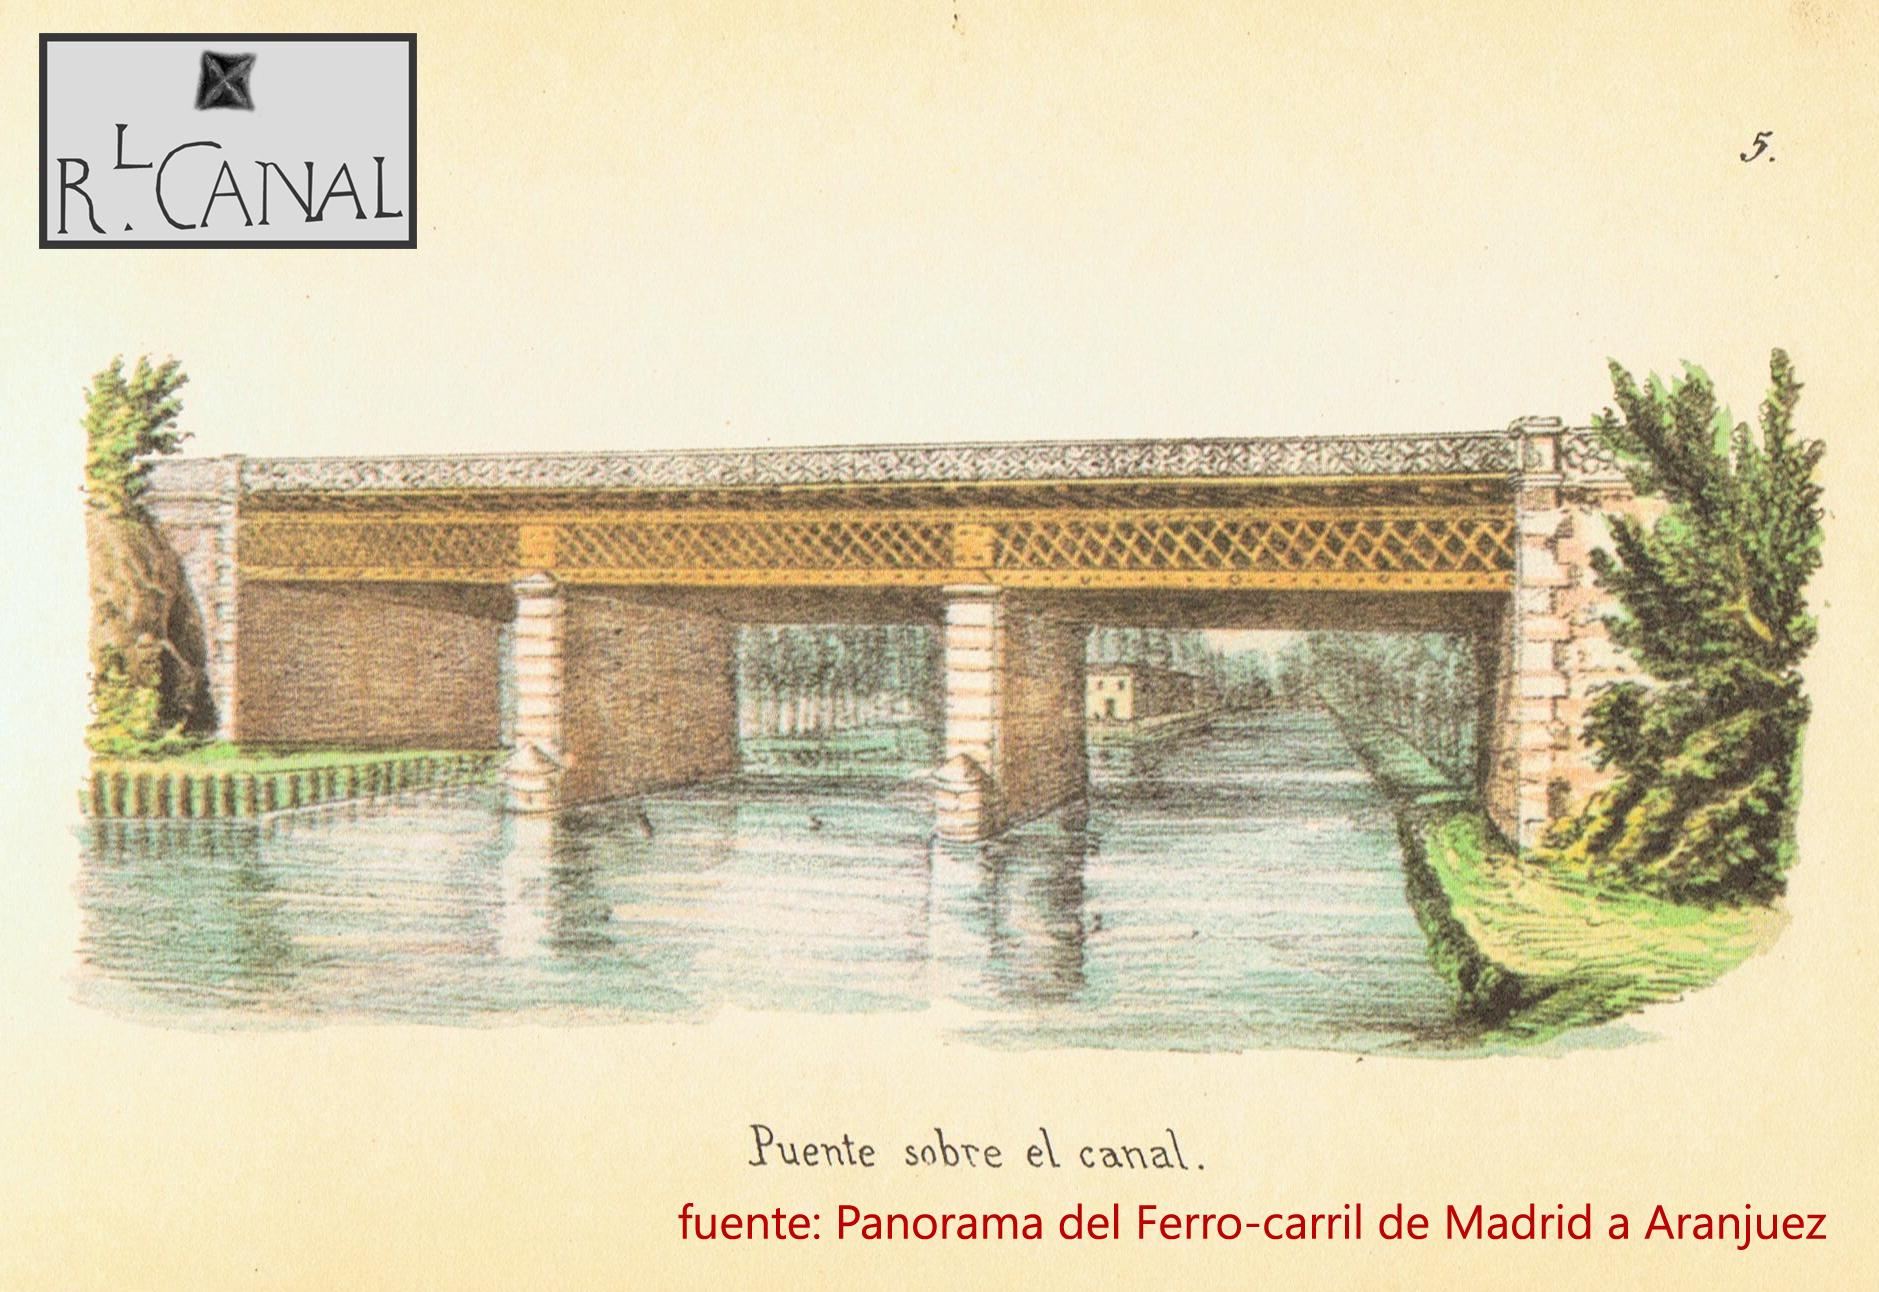 Grabado del puente sobre el Canal del ferrocarril de Madrid a Aranjuez